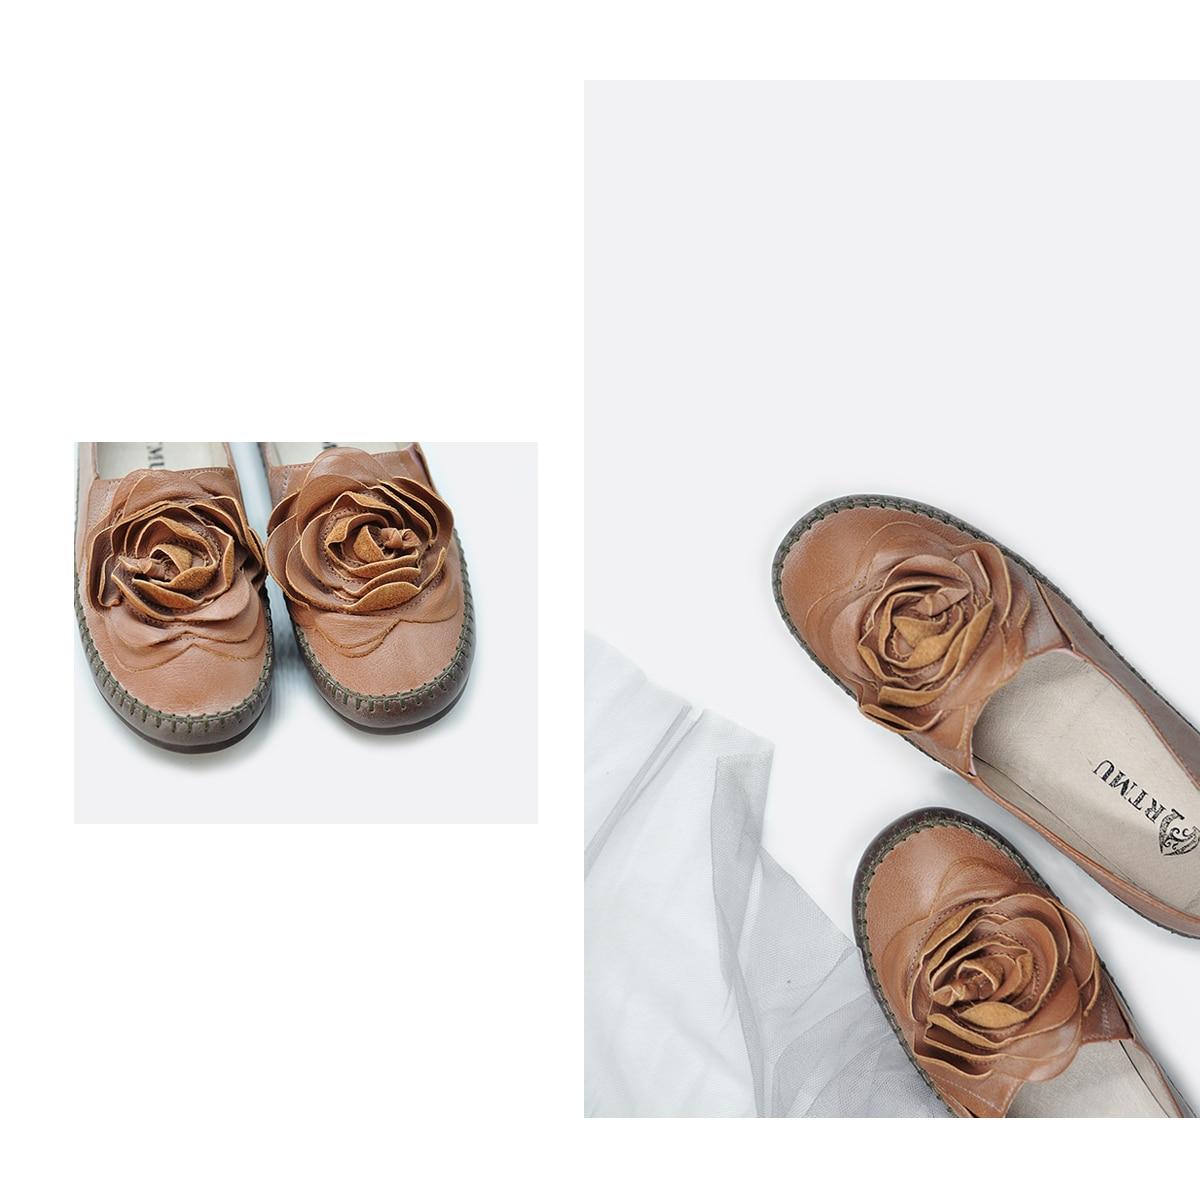 Plat Original Main Apricot En La pink Artmu Véritable Green Chaussures Vintage À Fleurs Confortable Cuir 301 Loisirs 2 PfdnqF